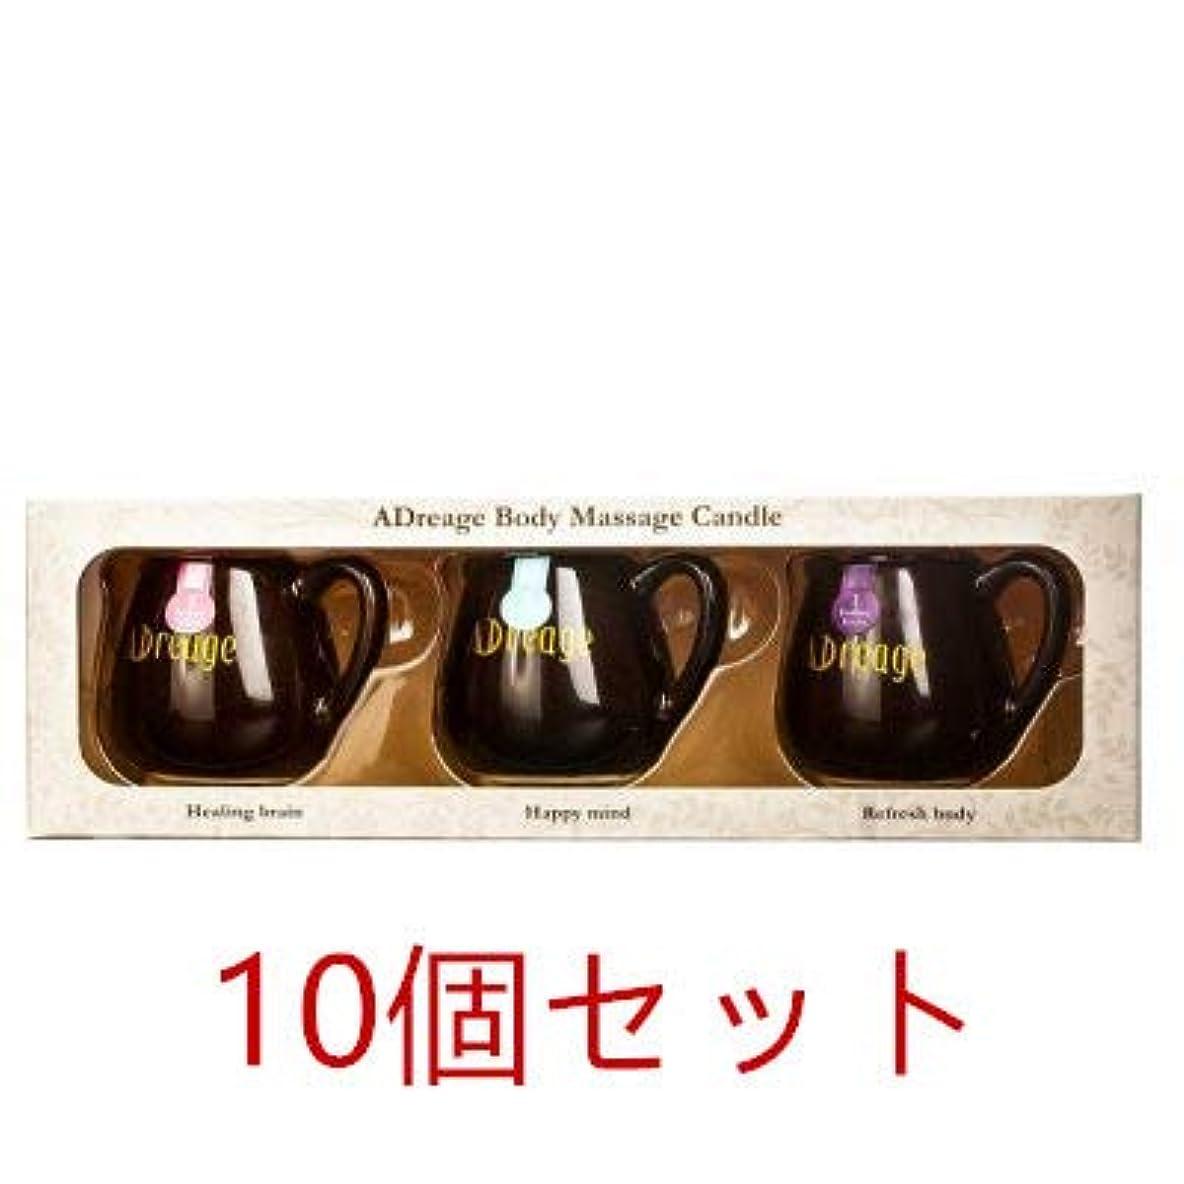 むき出しセットするへこみSAKURA LOVE Aroma Candle【アドレアージュ キャンドルミニセット】10個セット